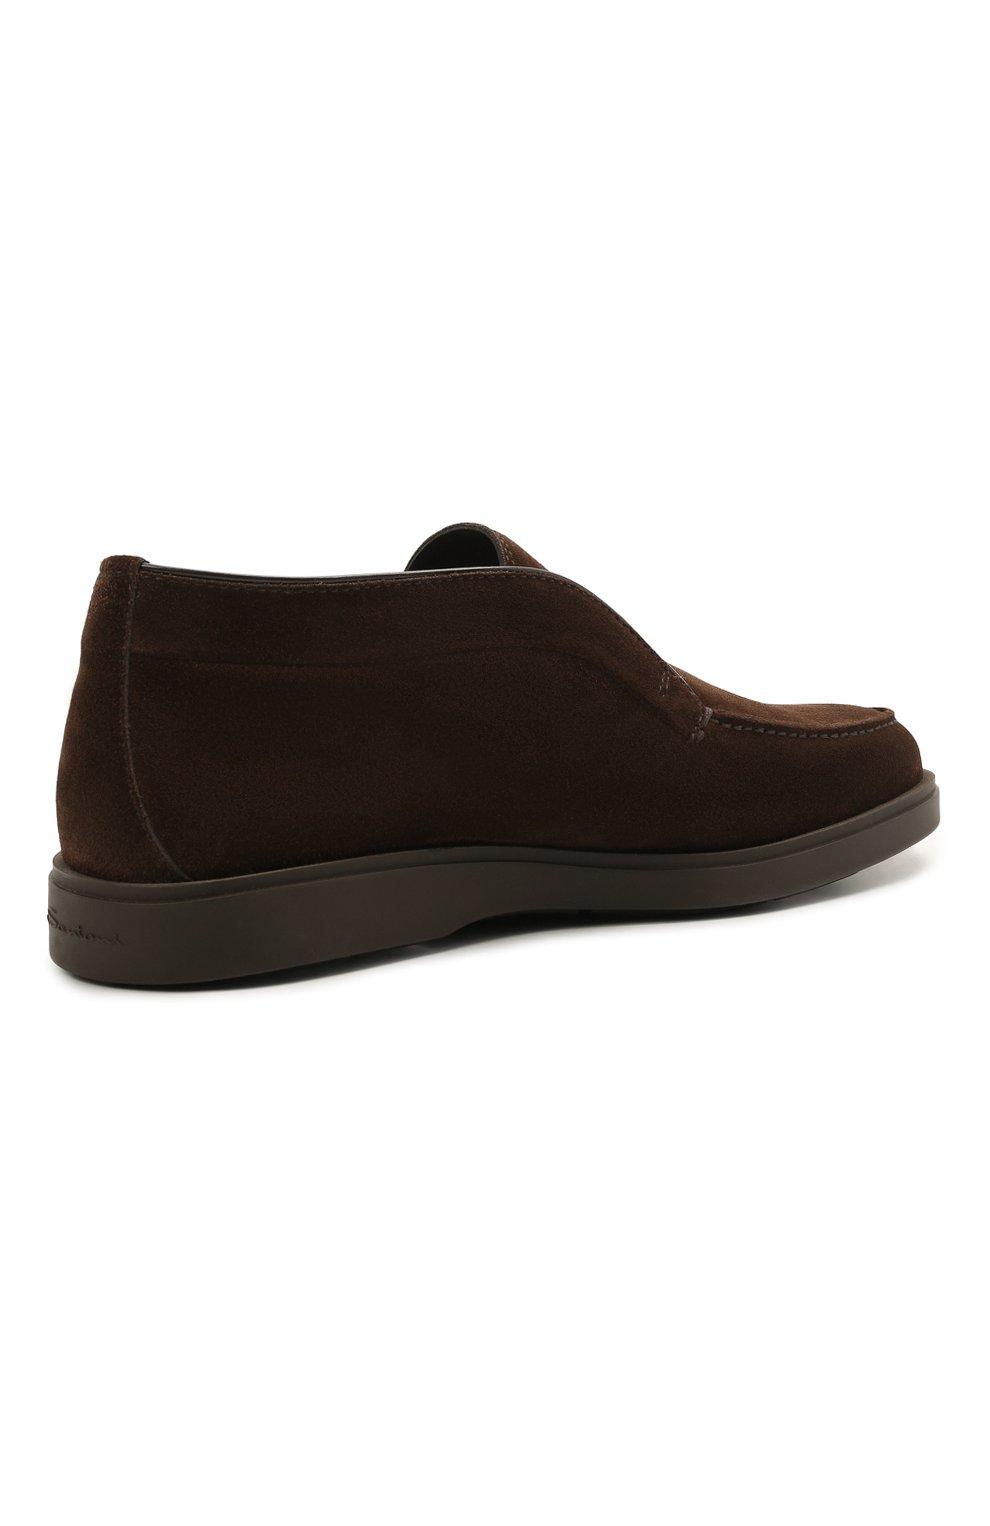 Мужские замшевые ботинки SANTONI темно-коричневого цвета, арт. MGDG17823DATASVUT50 | Фото 4 (Мужское Кросс-КТ: Ботинки-обувь; Подошва: Плоская)